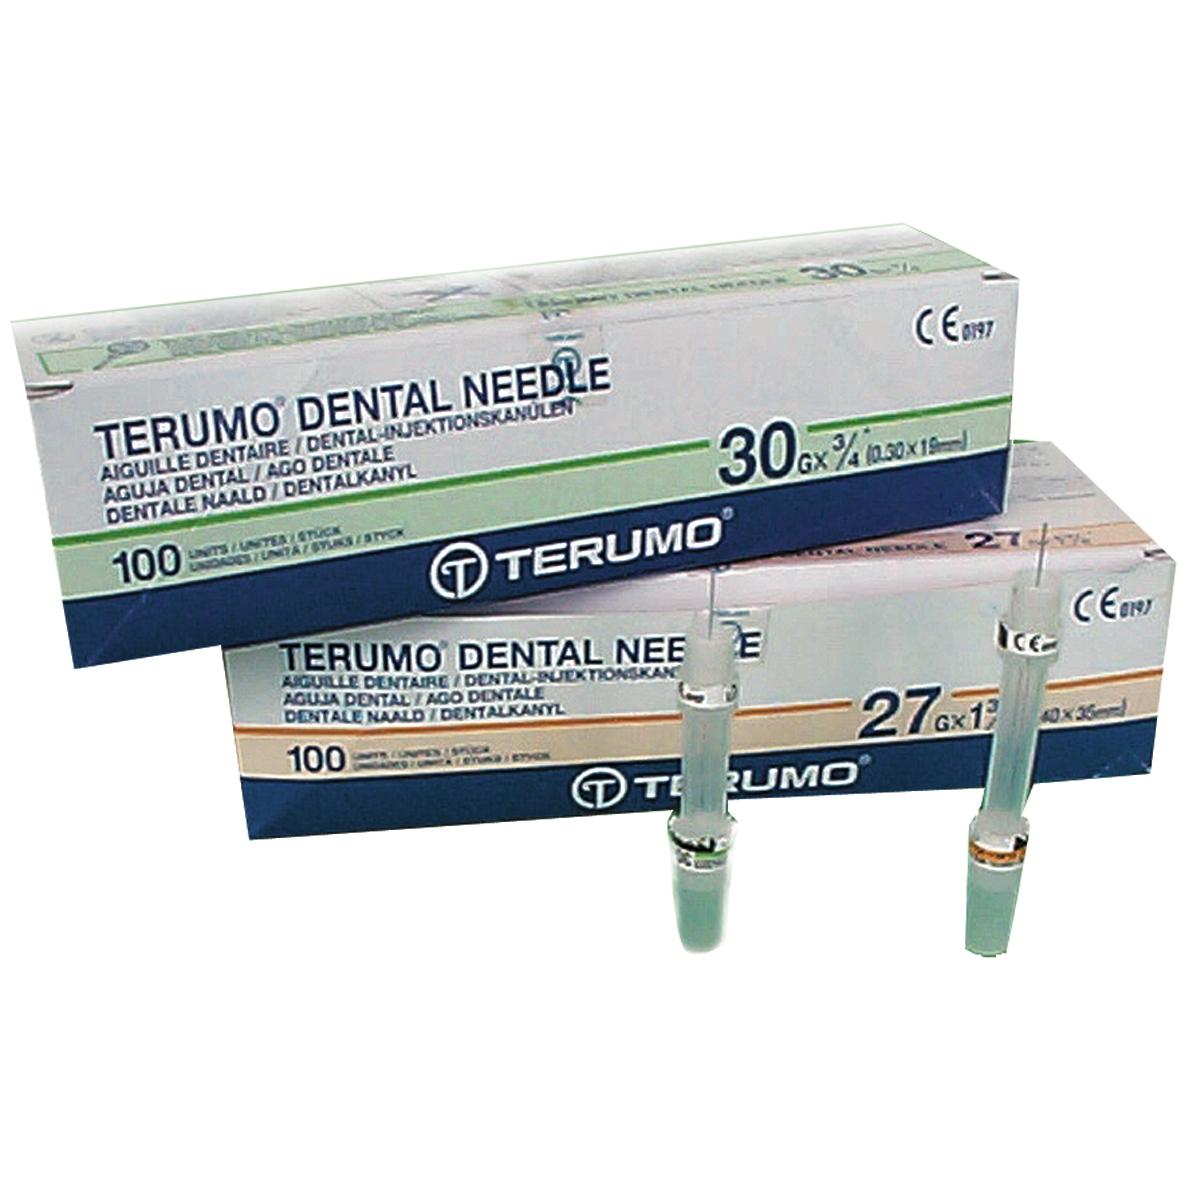 N K LUCK - Terumo dental needles